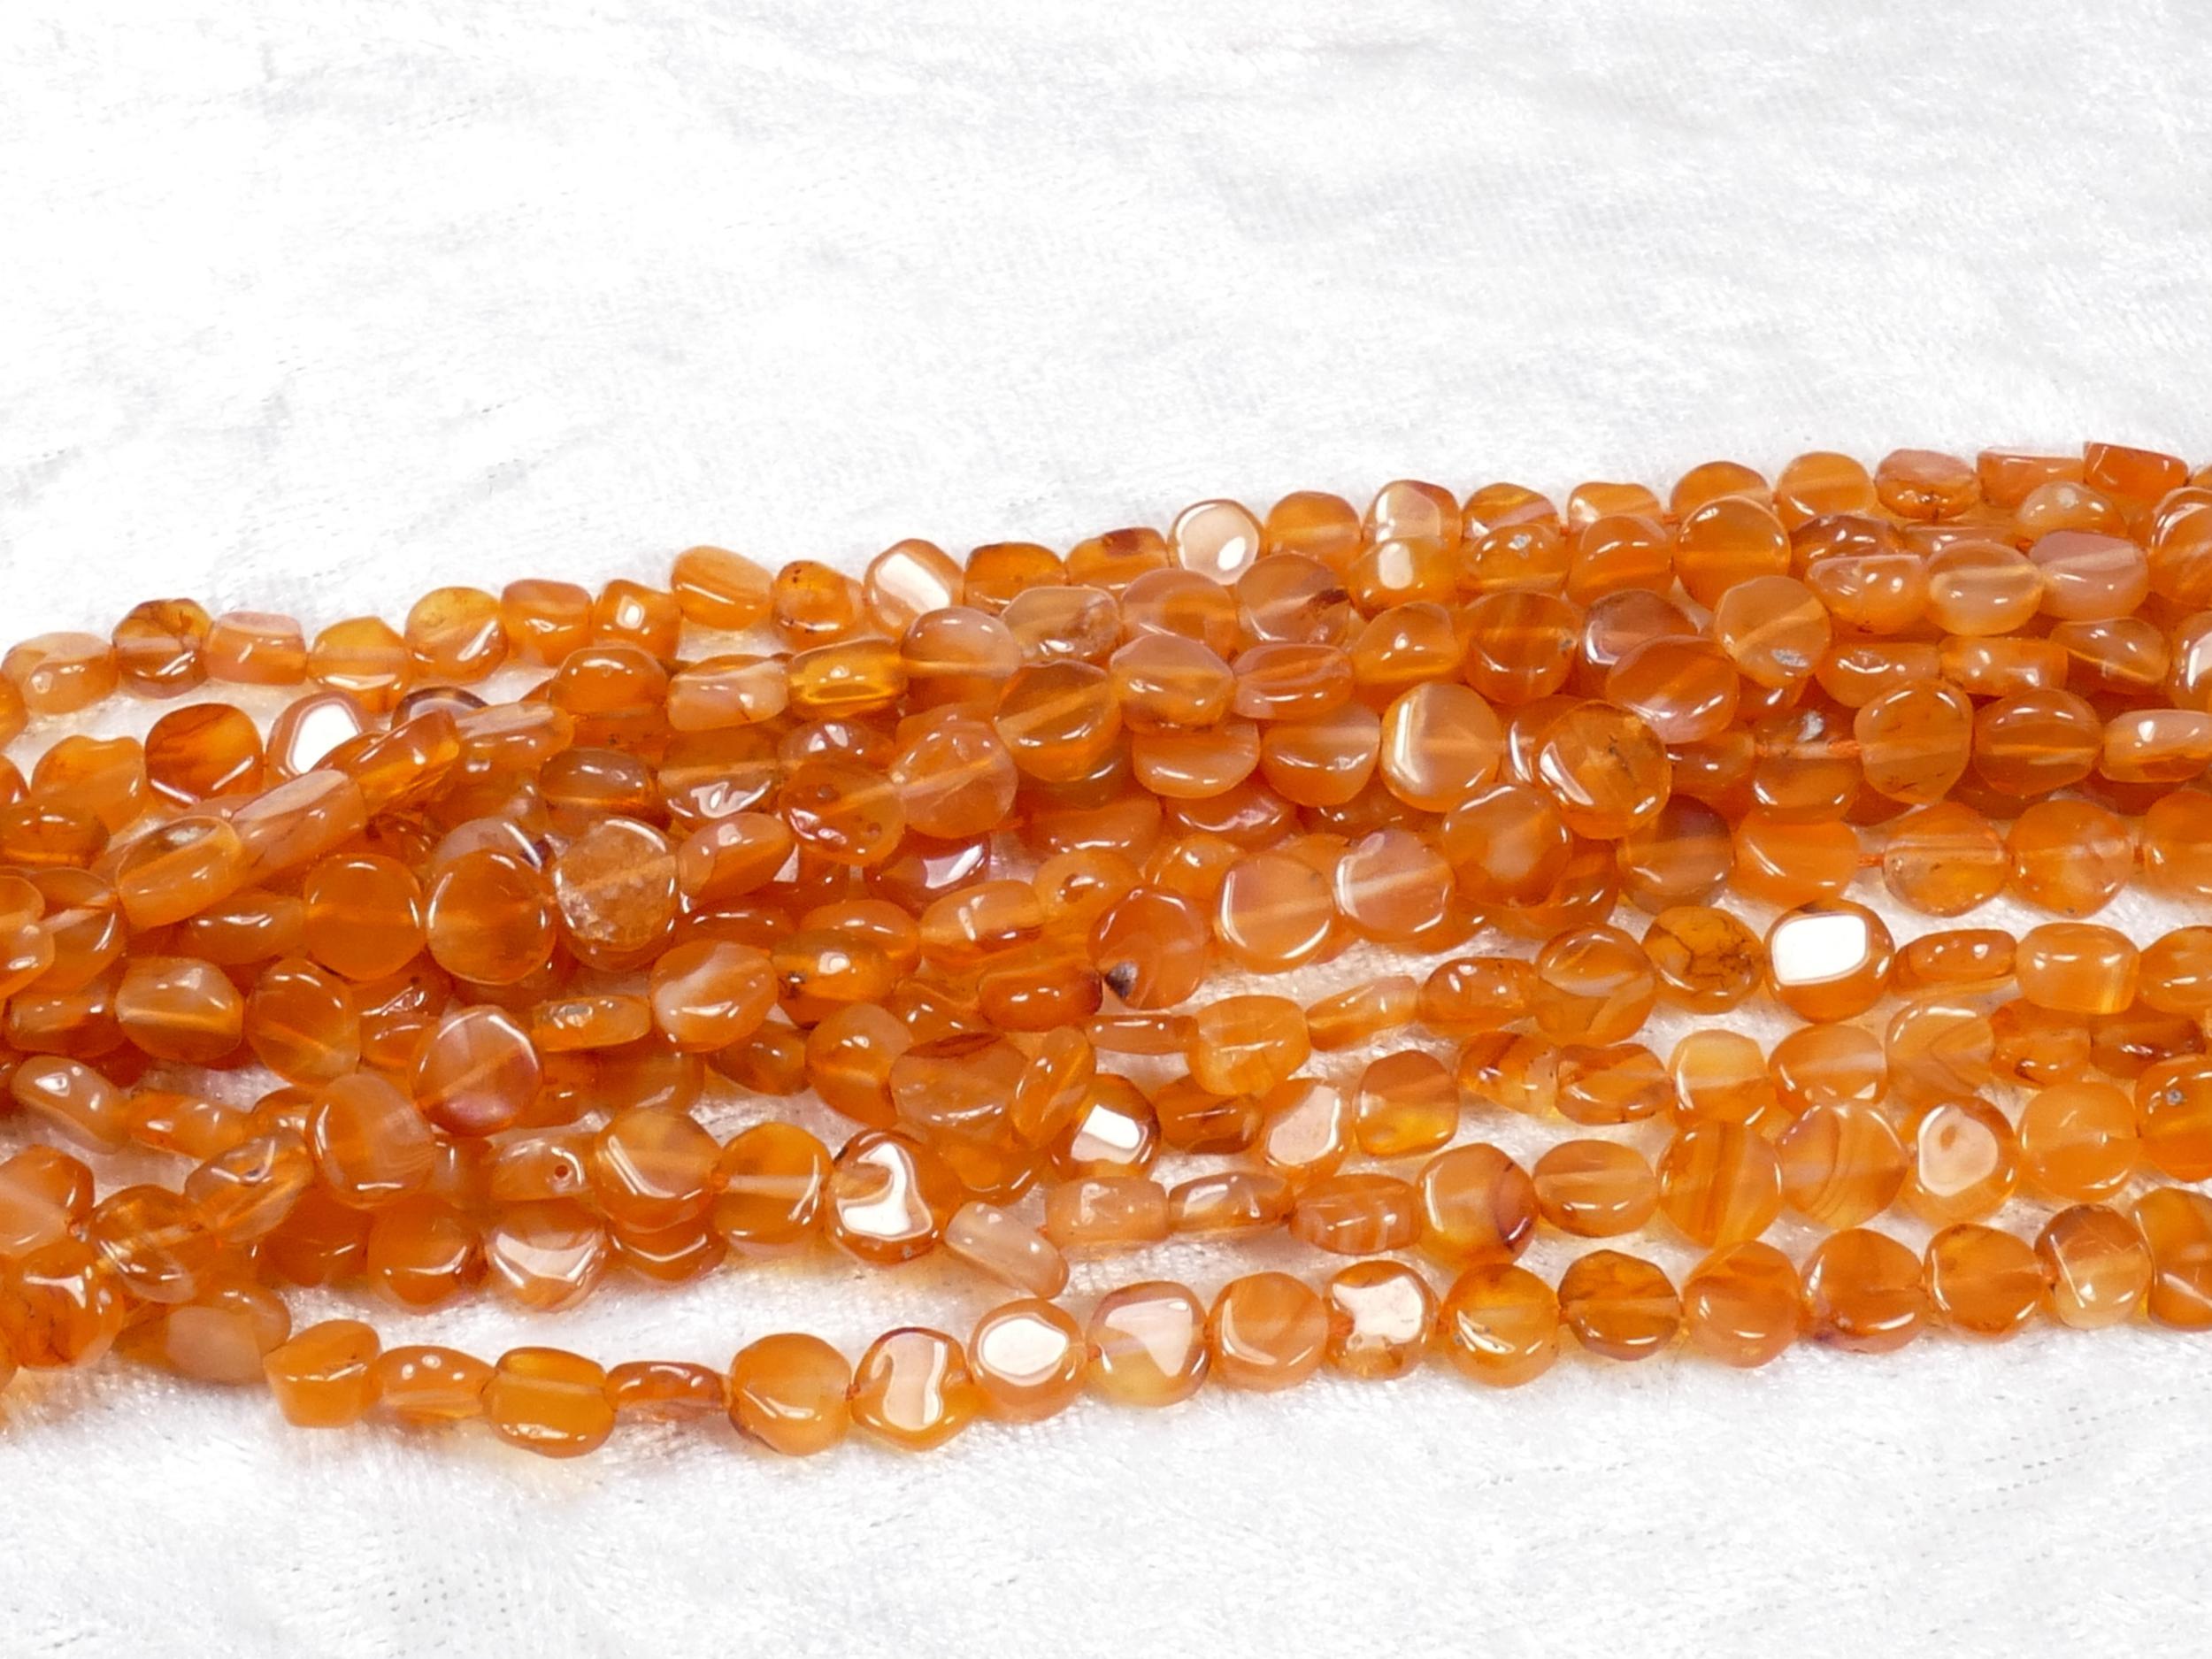 6mm Fil de perle de Cornaline (Agate) naturelle orange foncé en palet rond irrégulier x35cm (13.7inch) (#AC824)